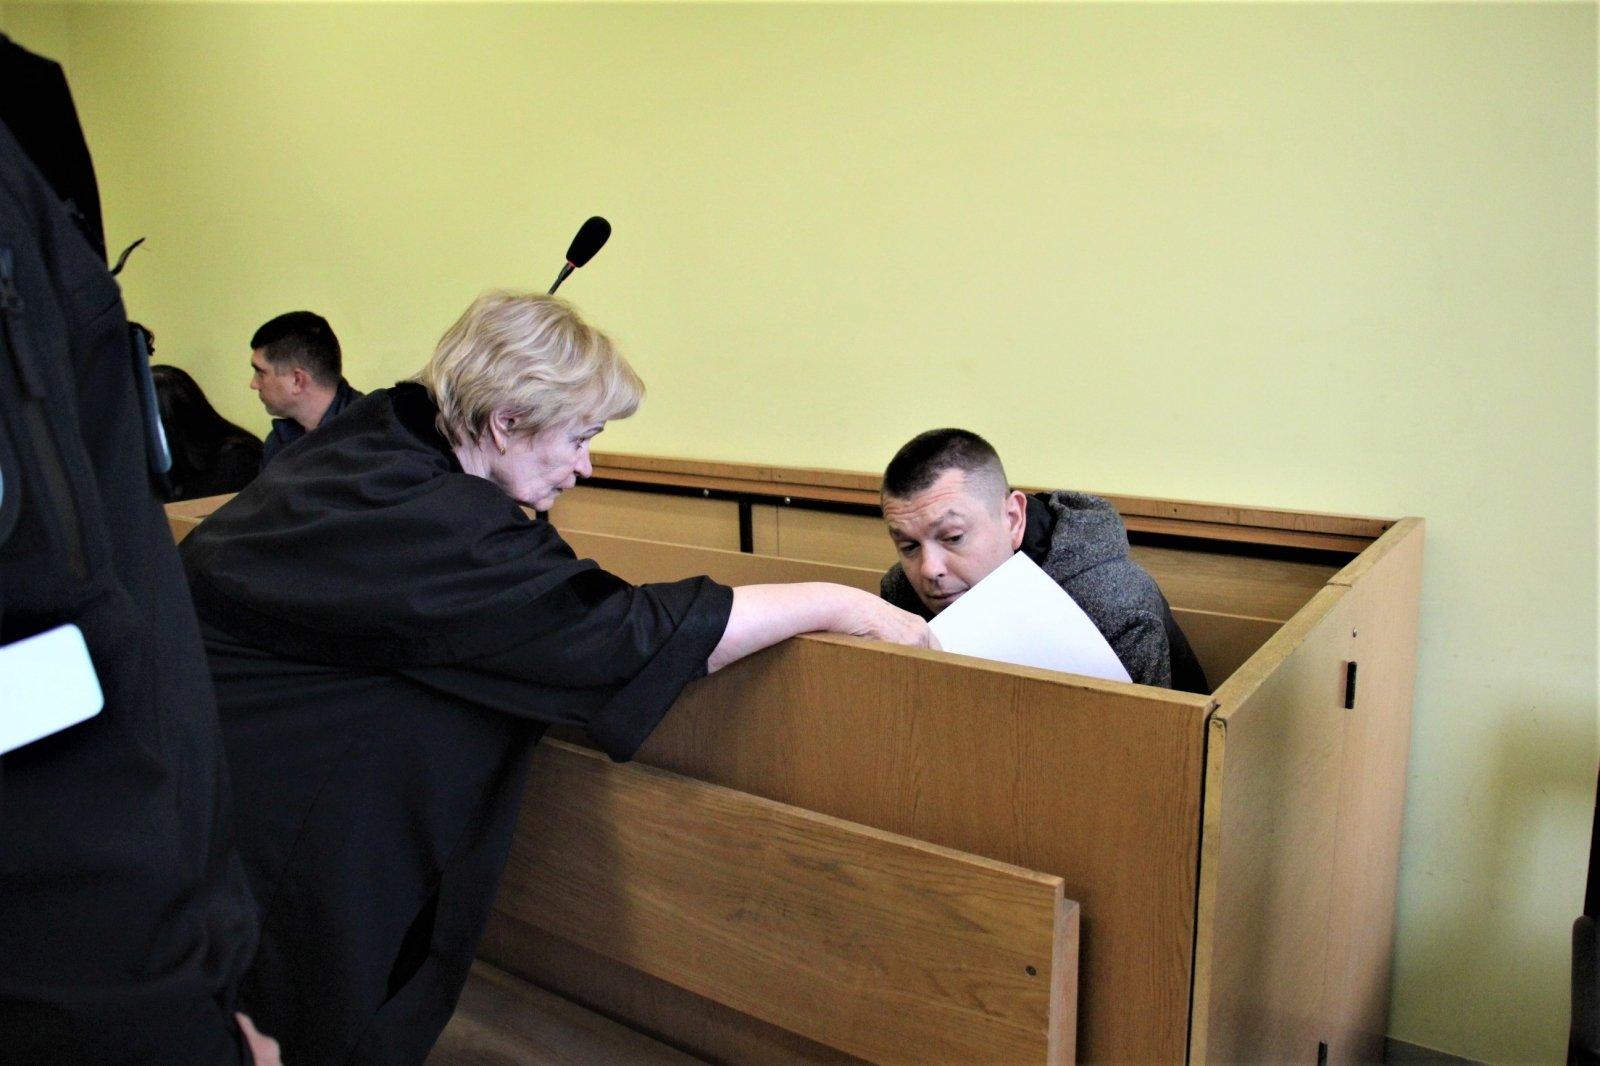 Полиция не стала возбуждать уголовное дело против москвички, задержанной при получении лекарств для тяжелобольного ребенка